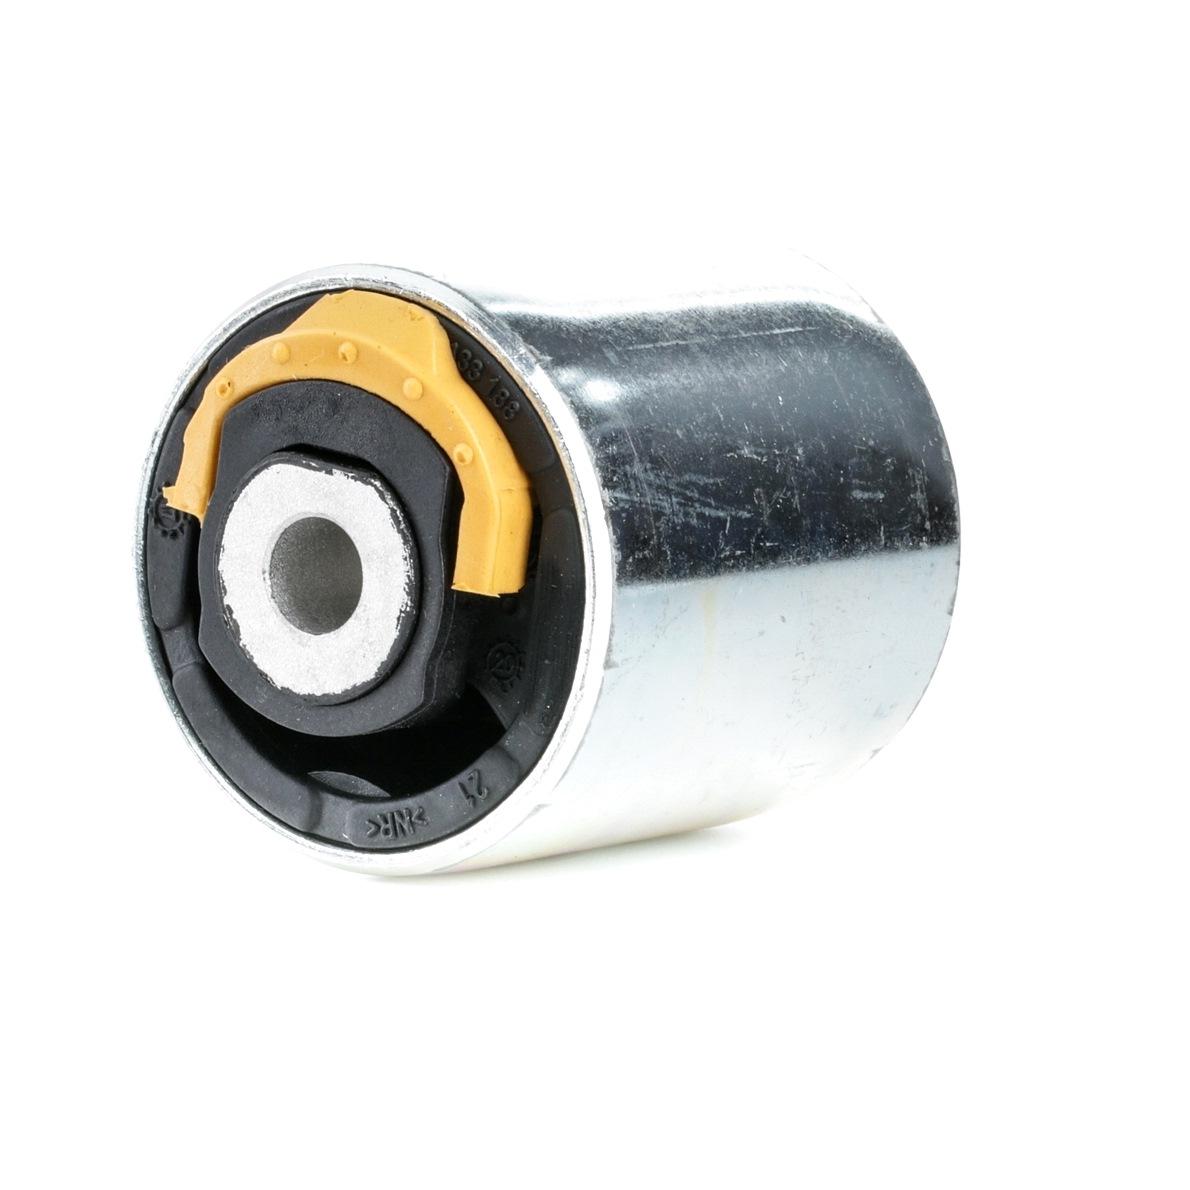 21194 FEBI BILSTEIN hinten, unten, Vorderachse beidseitig Ø: 64,0mm Lagerung, Lenker 21194 günstig kaufen